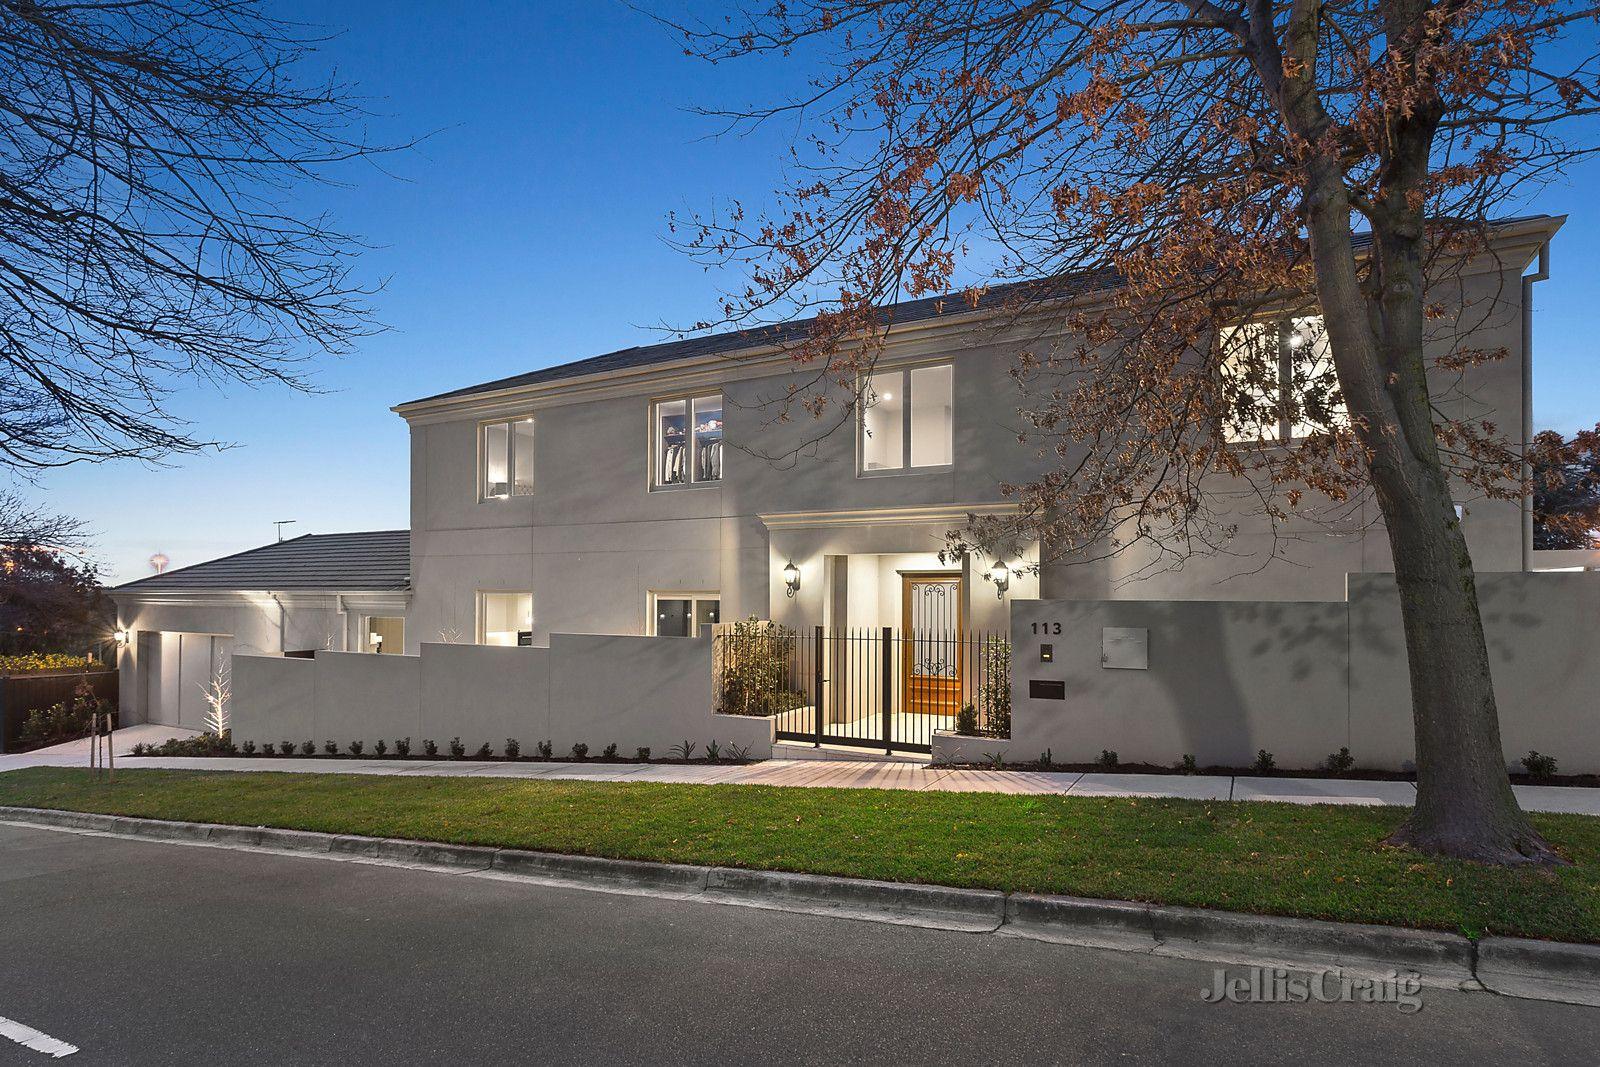 113 Belford Road, Kew East VIC 3102, Image 0